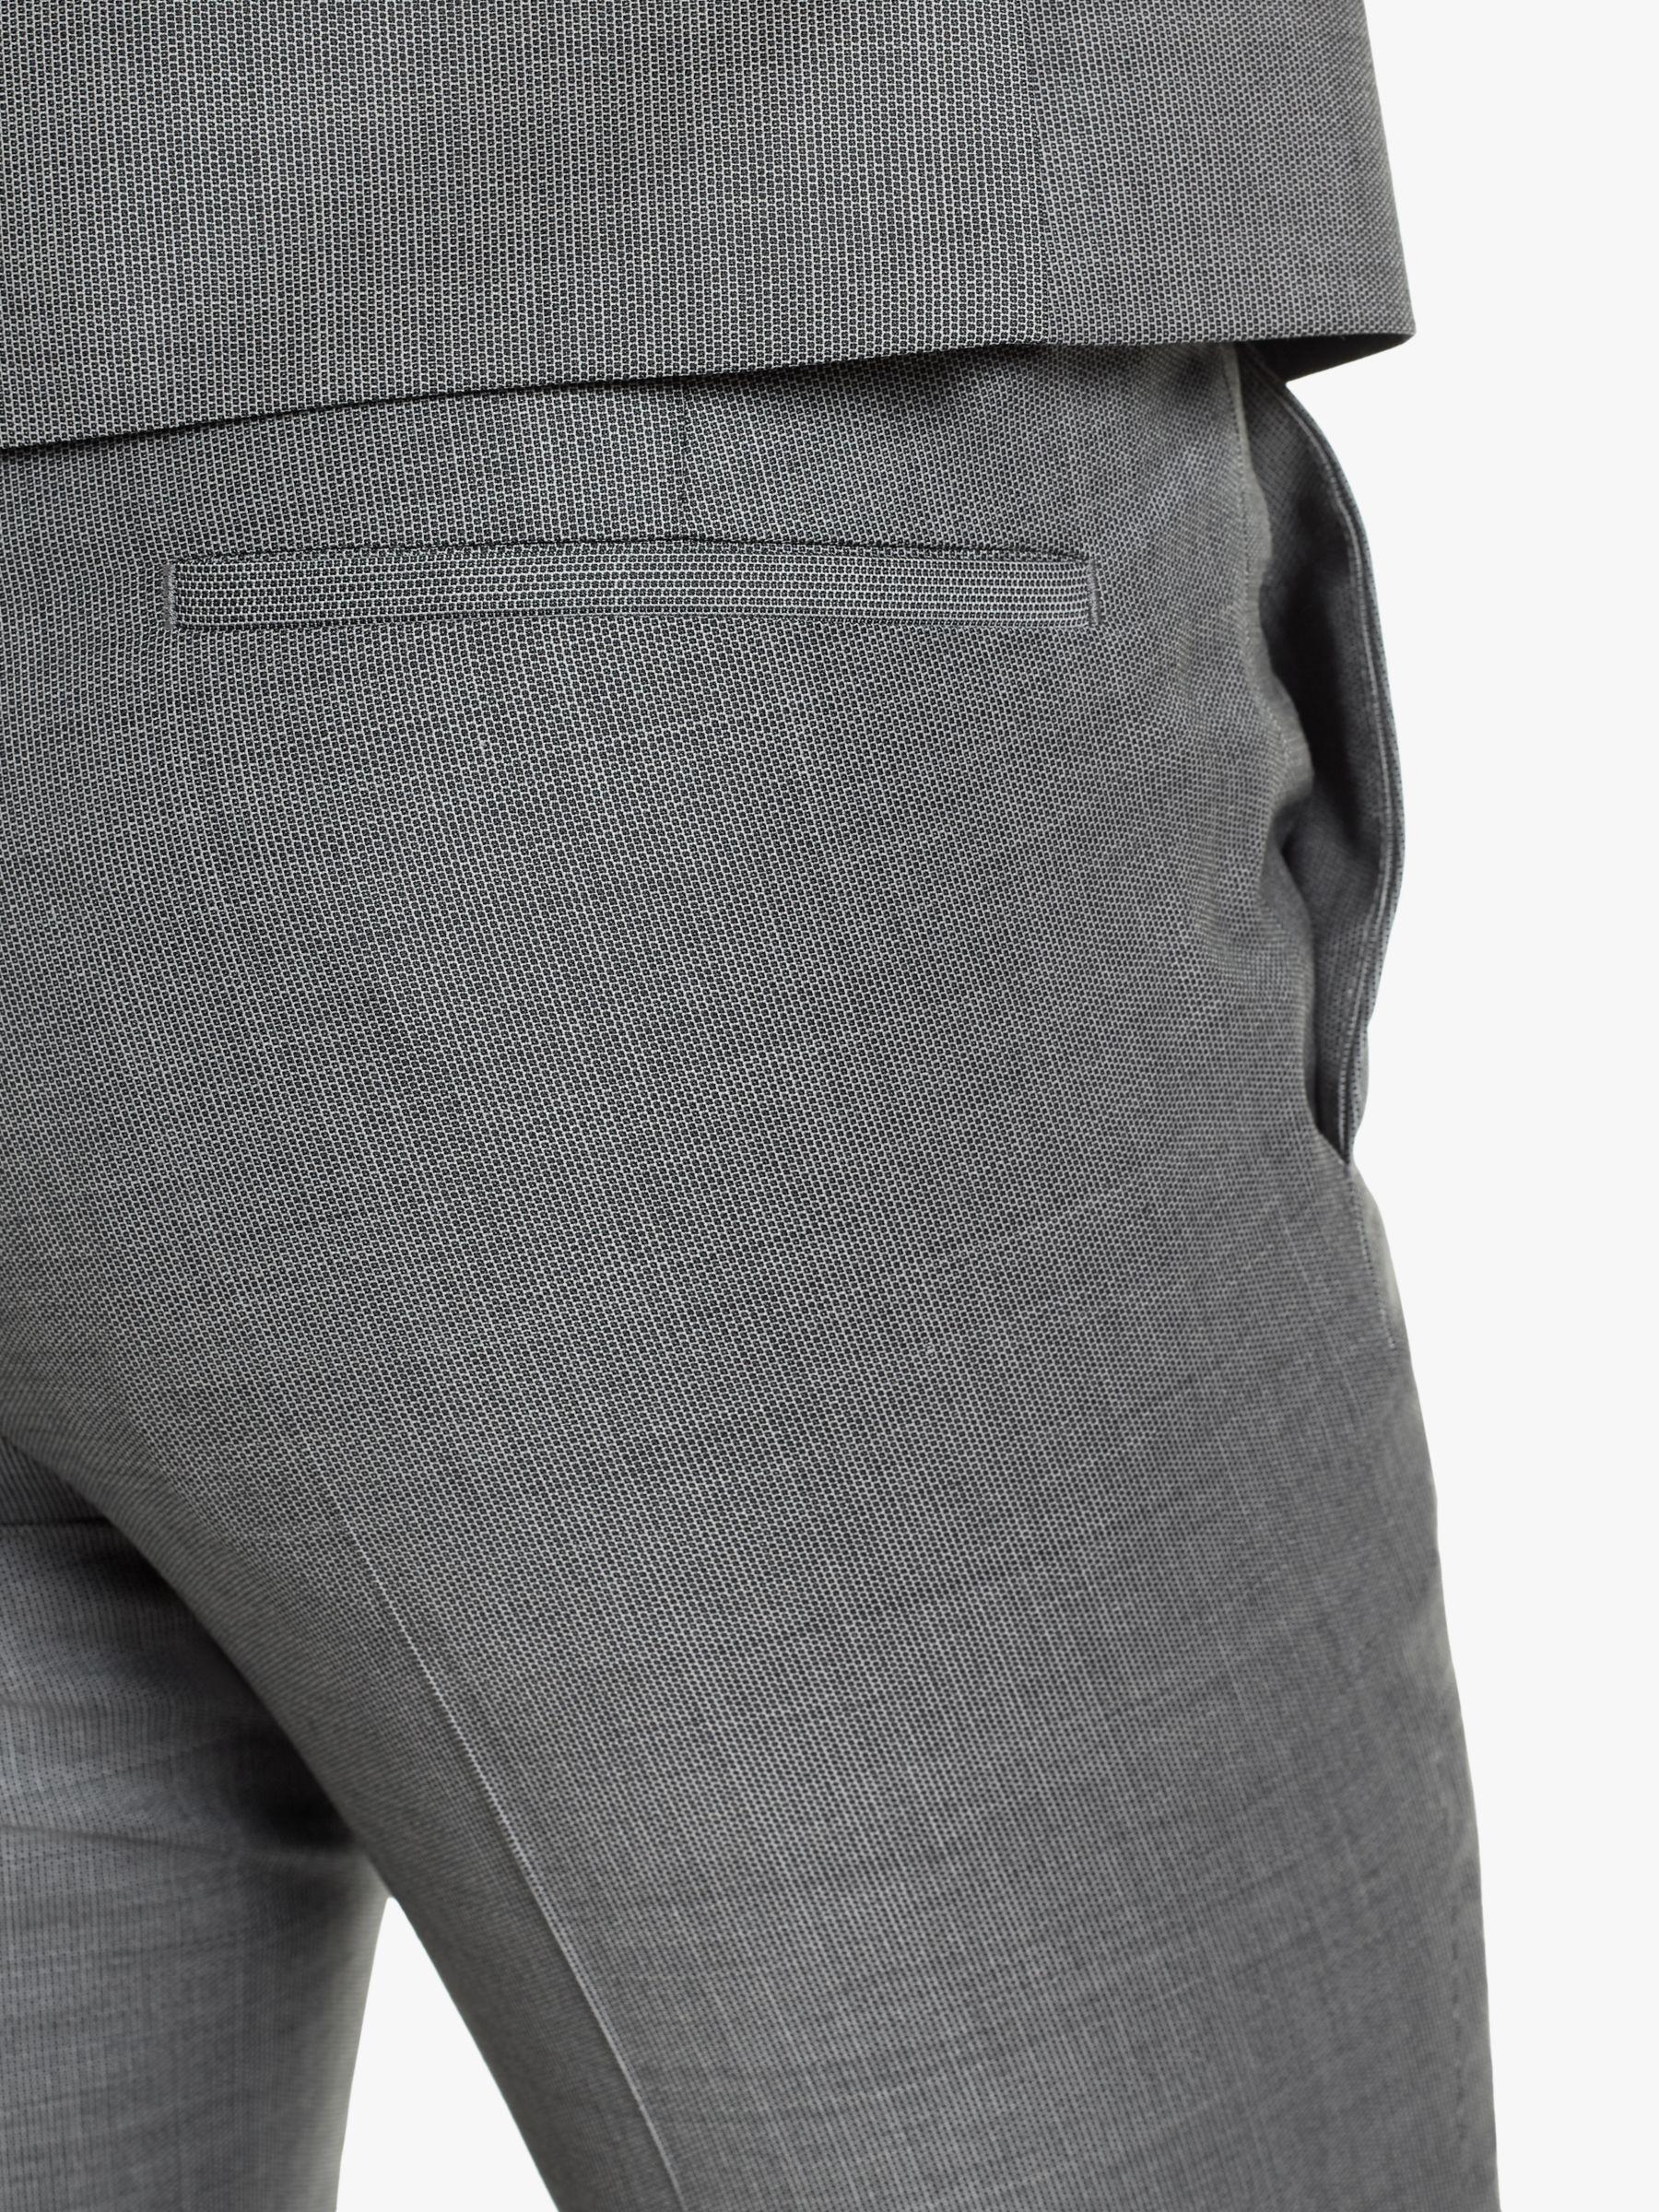 514fa99b BOSS - Gray Hugo By Hesten182 Birdseye Wool Super Slim Suit Trousers for Men  - Lyst. View fullscreen